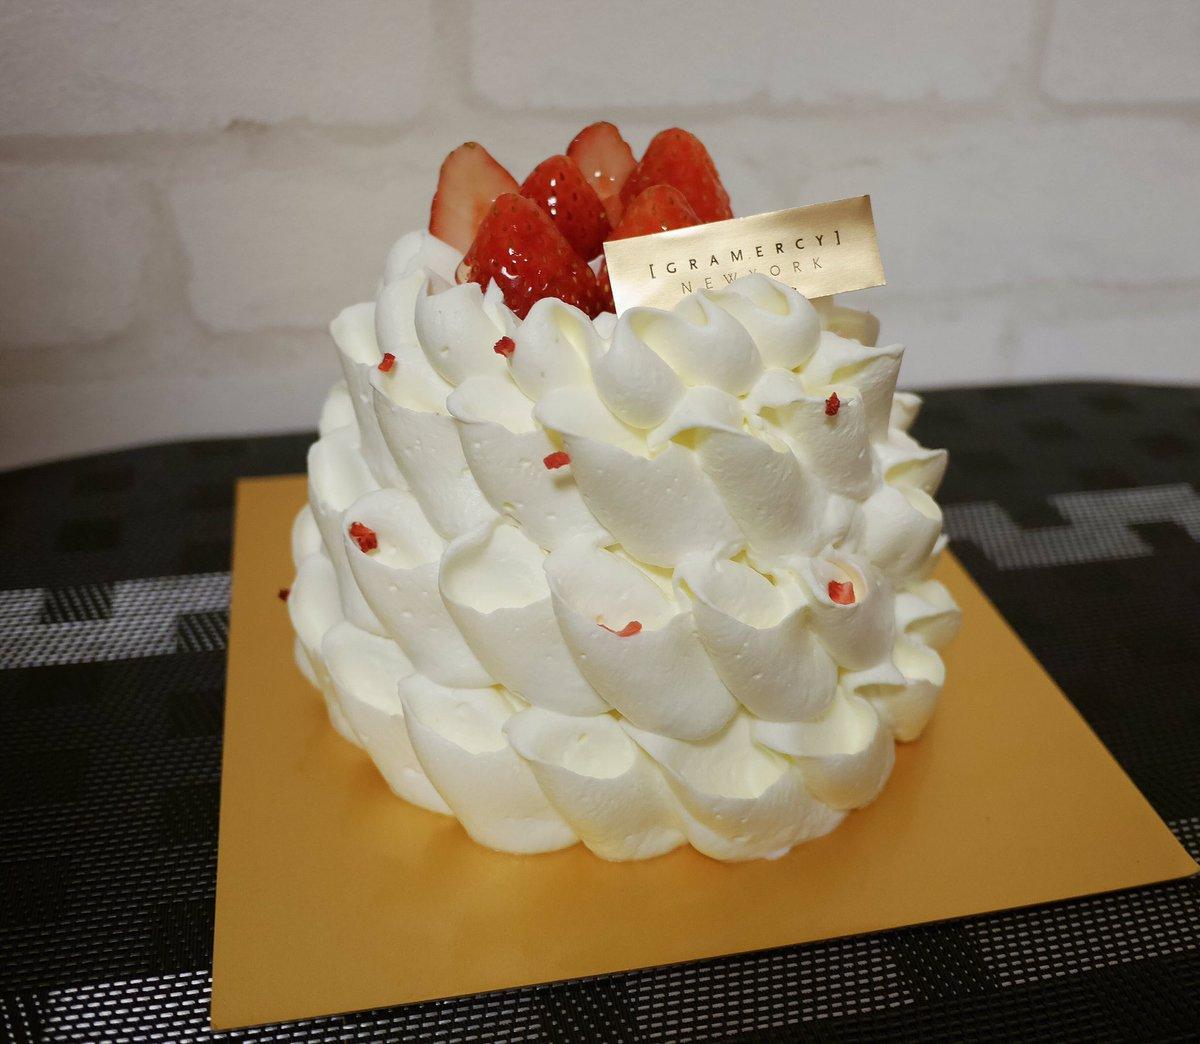 アメリカのケーキ&スイーツおすすめ10店!行列覚悟で食べたい本場の味!